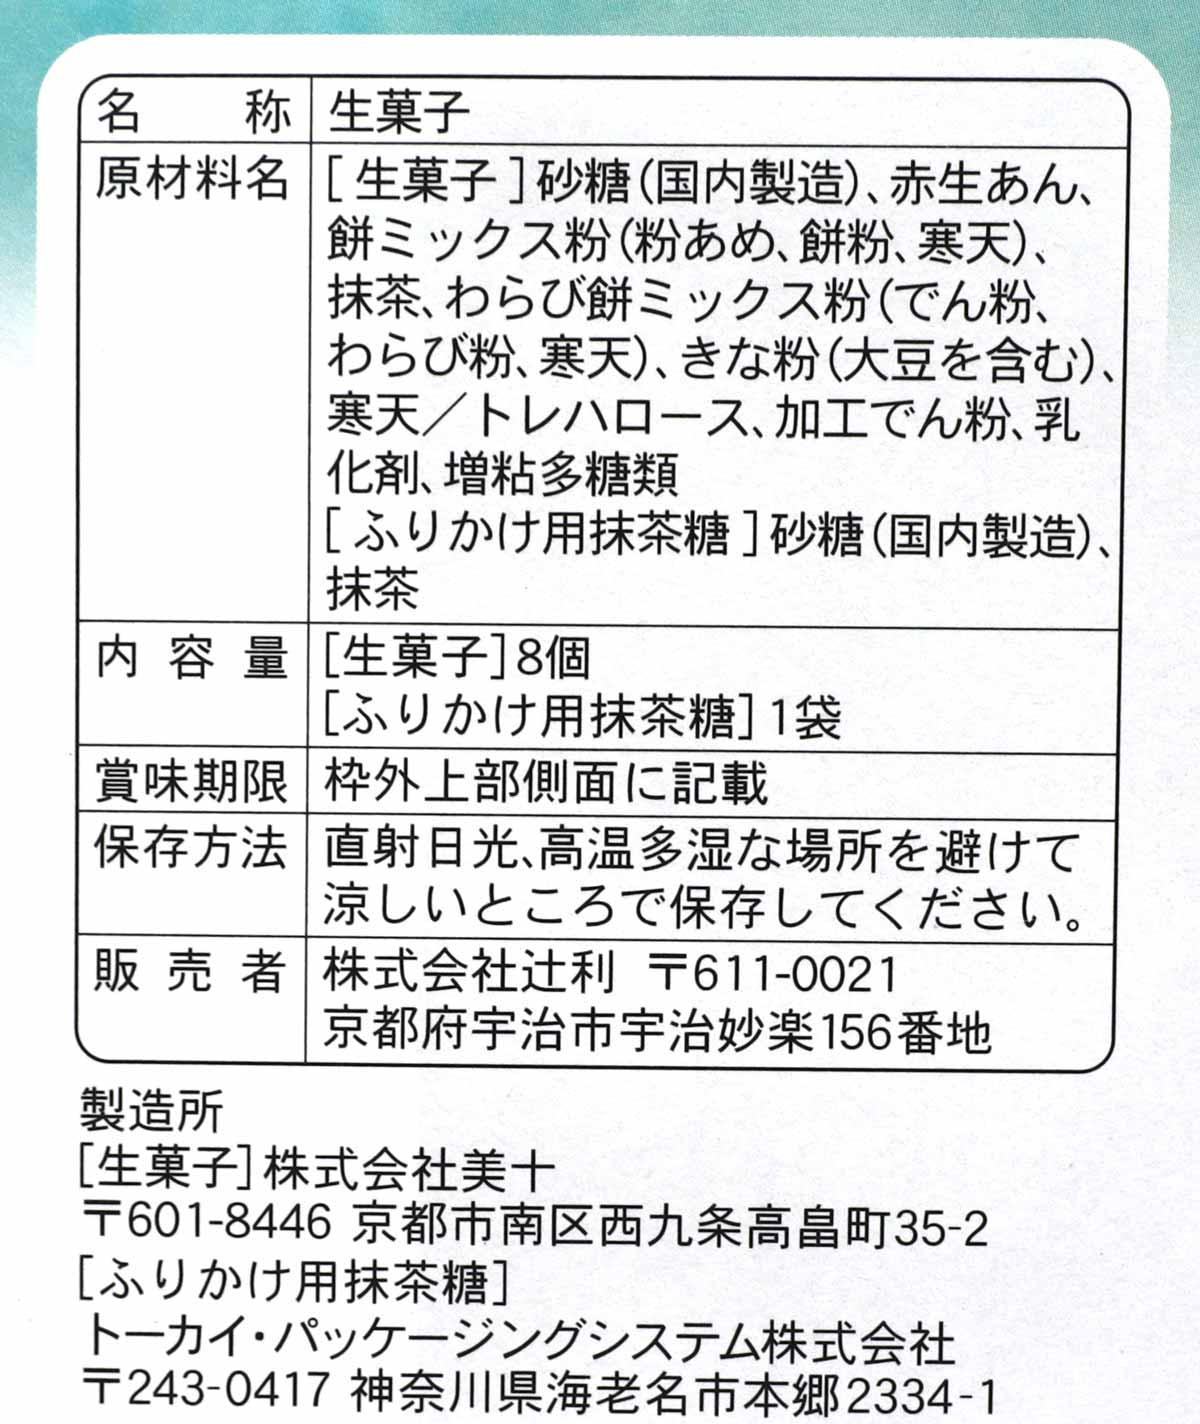 辻利 夏の抹茶あんわらびの食品表示